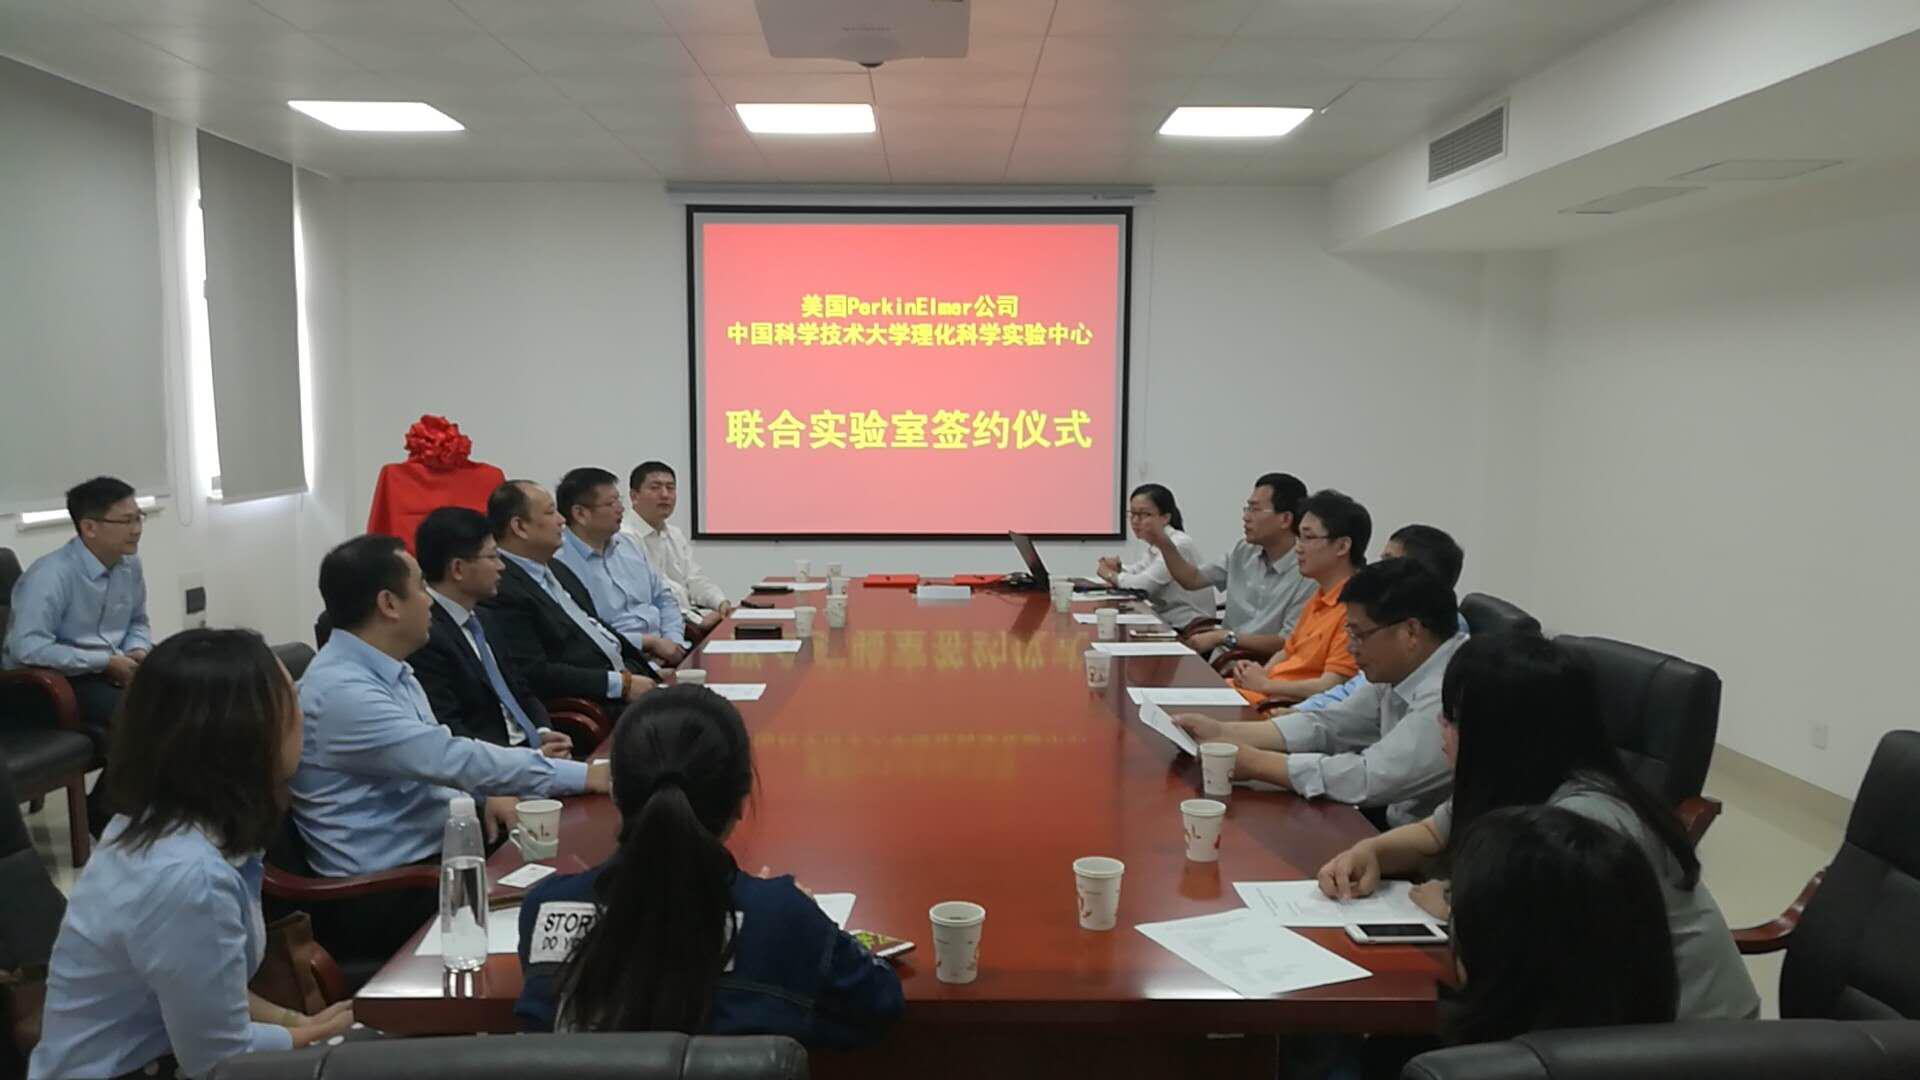 让爱的表达不再苍白 ——记珀金埃尔默公司与中国科学技术大学理化科学实验中心签约仪式